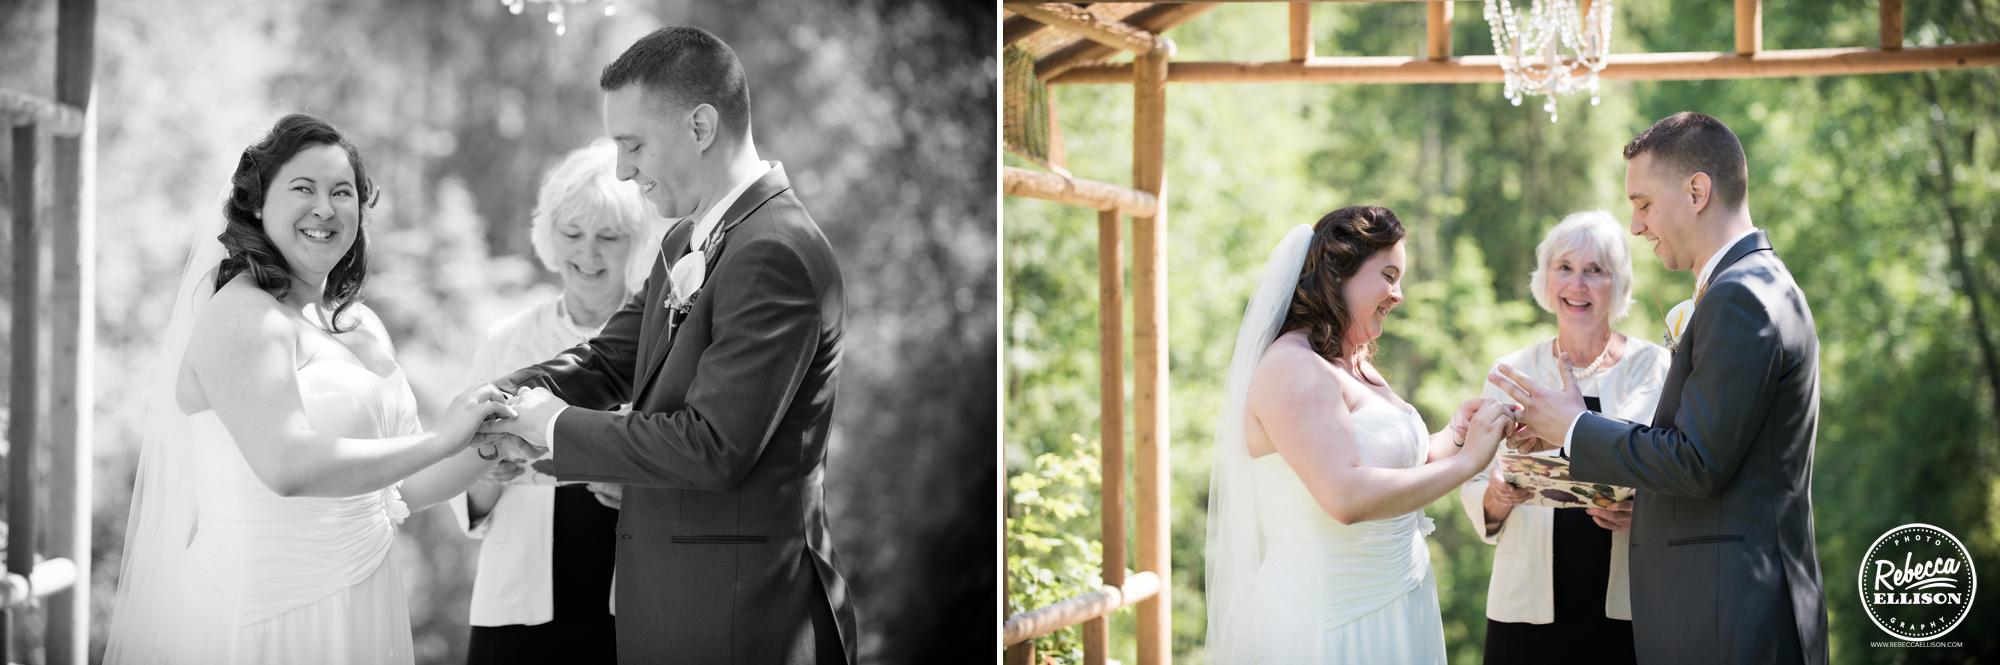 Wedding ceremony at Snohomish wedding venue Jardin Del Sol photography by Rebecca Ellison